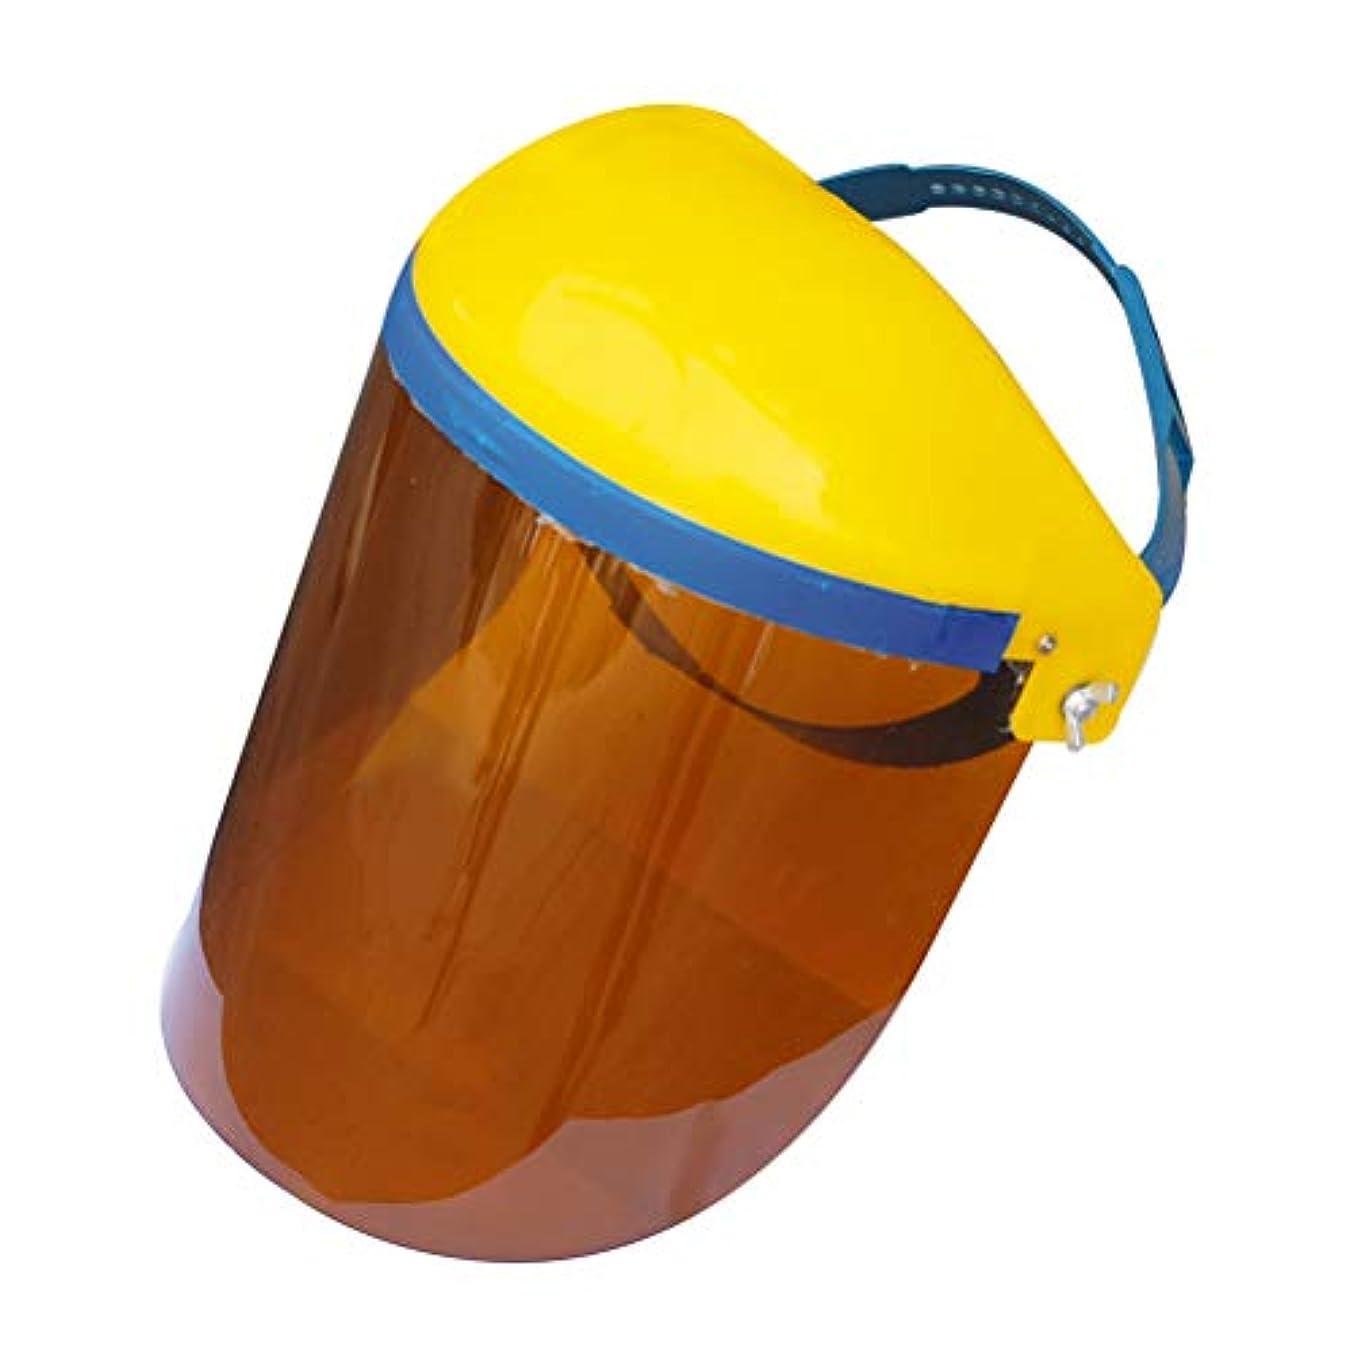 言い聞かせるペンスダブルBESTONZON キッチン調理両面防曇防油スプラッシュクリアフェイスマスクフェイスシールドプロテクター(ブラウン)